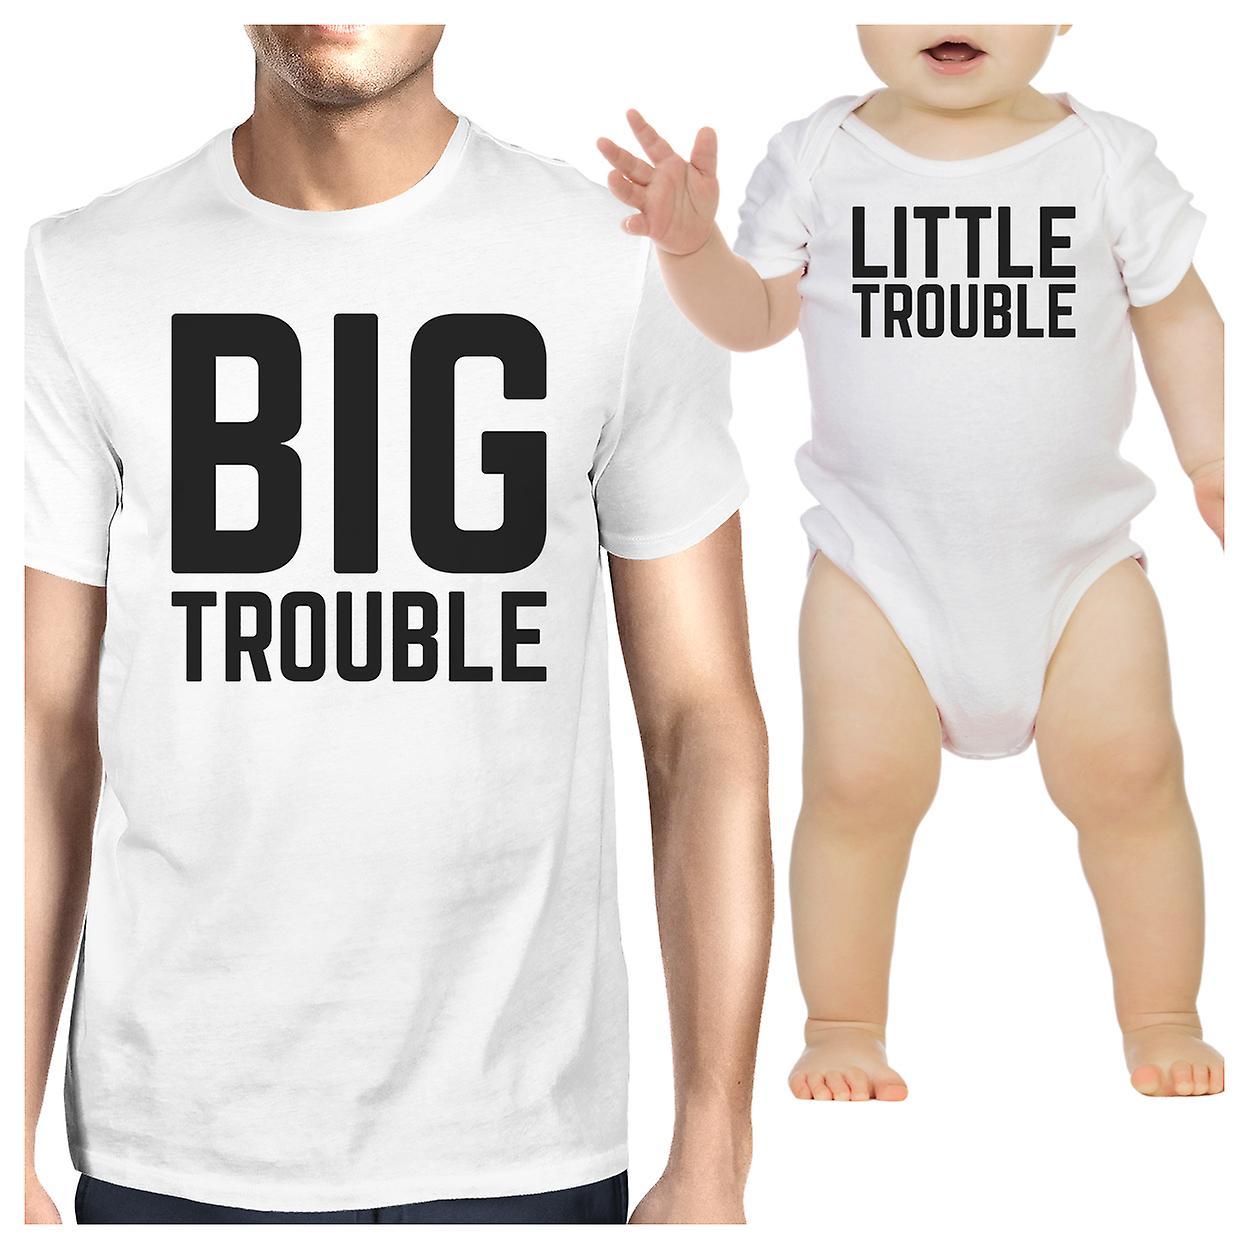 Große Schwierigkeiten wenig Mühe weiße einzigartige Väter Tag ...